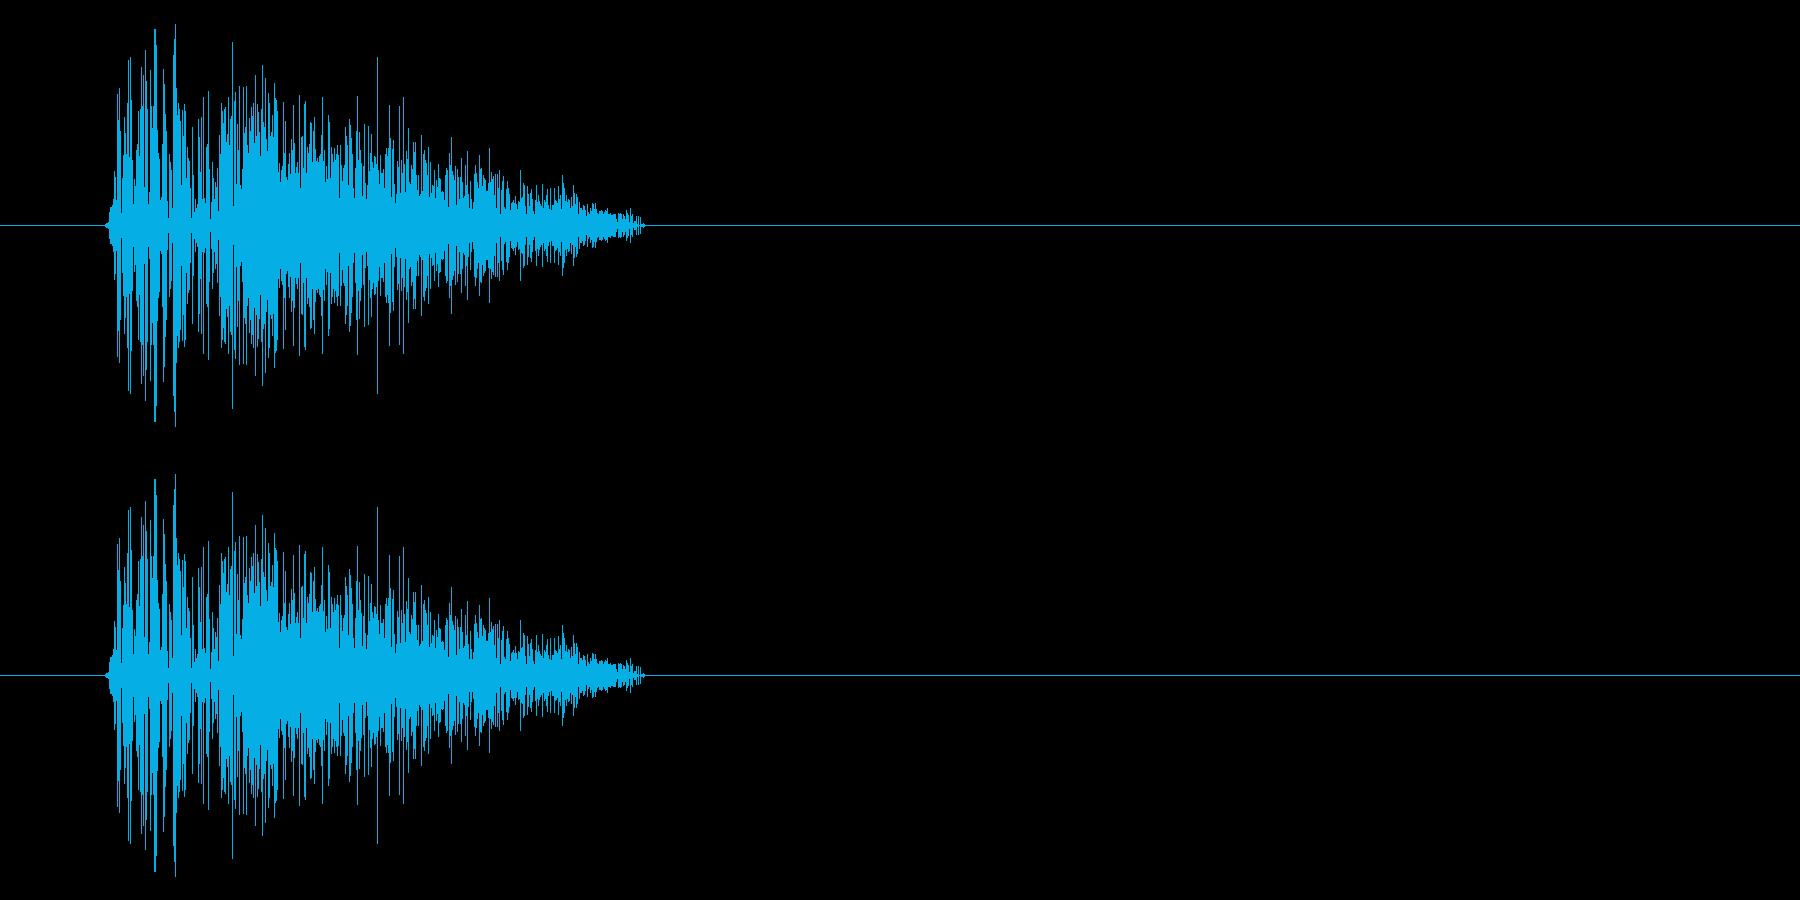 NES シューティング01-4(ダメージの再生済みの波形